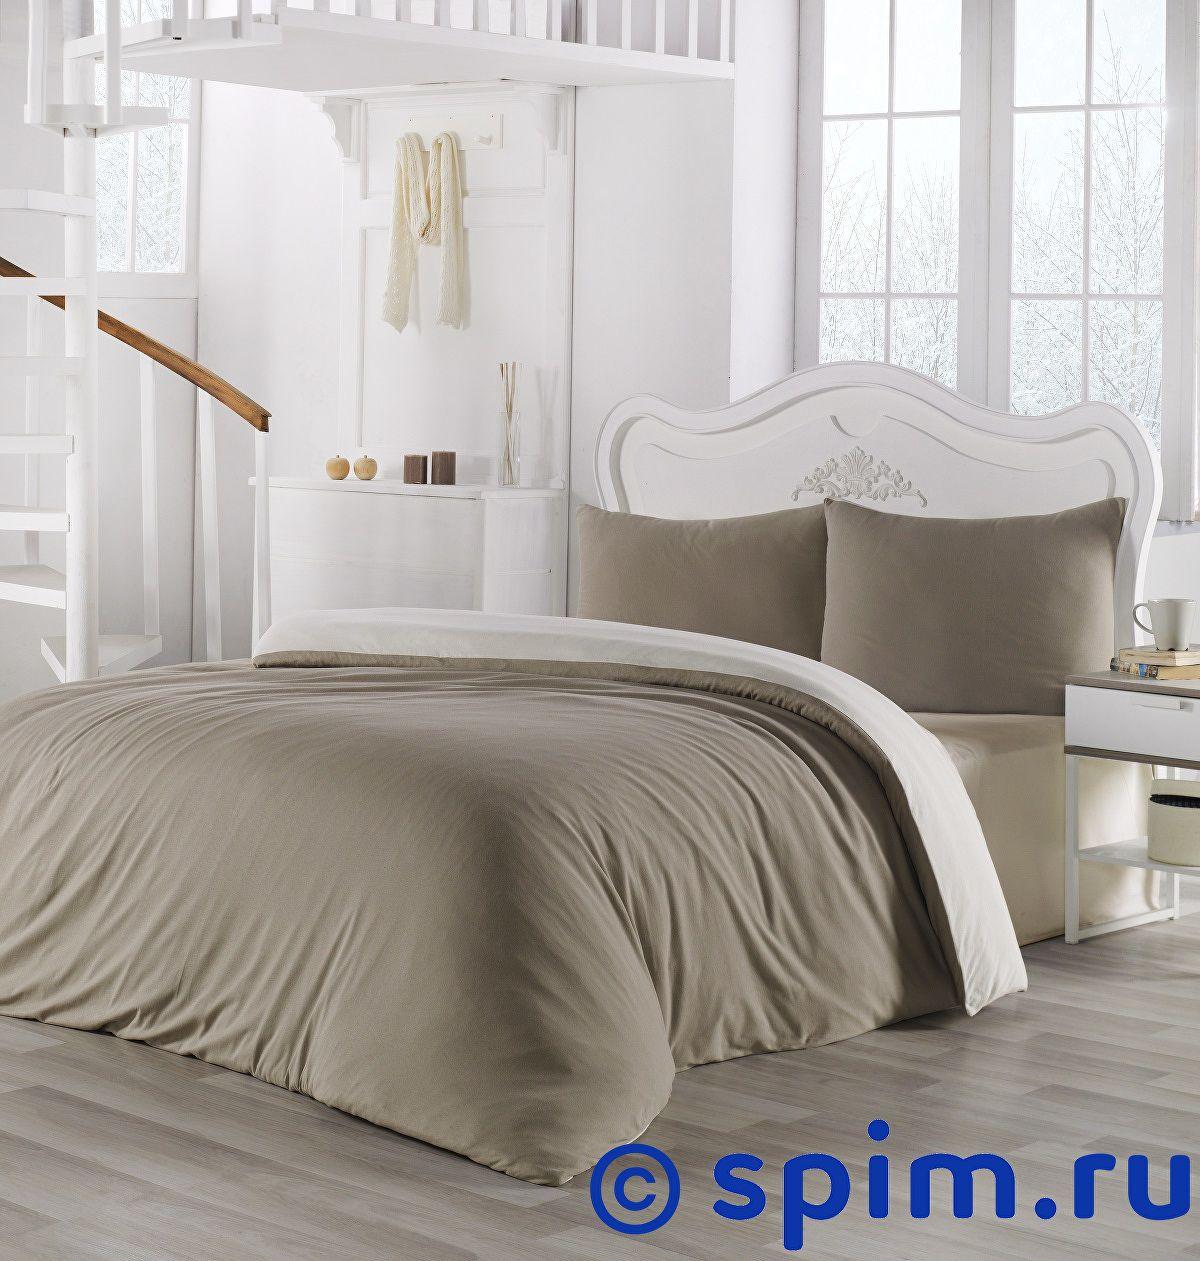 Купить Постельное белье Karna Sofa бежевый-кремовый Евро-стандарт